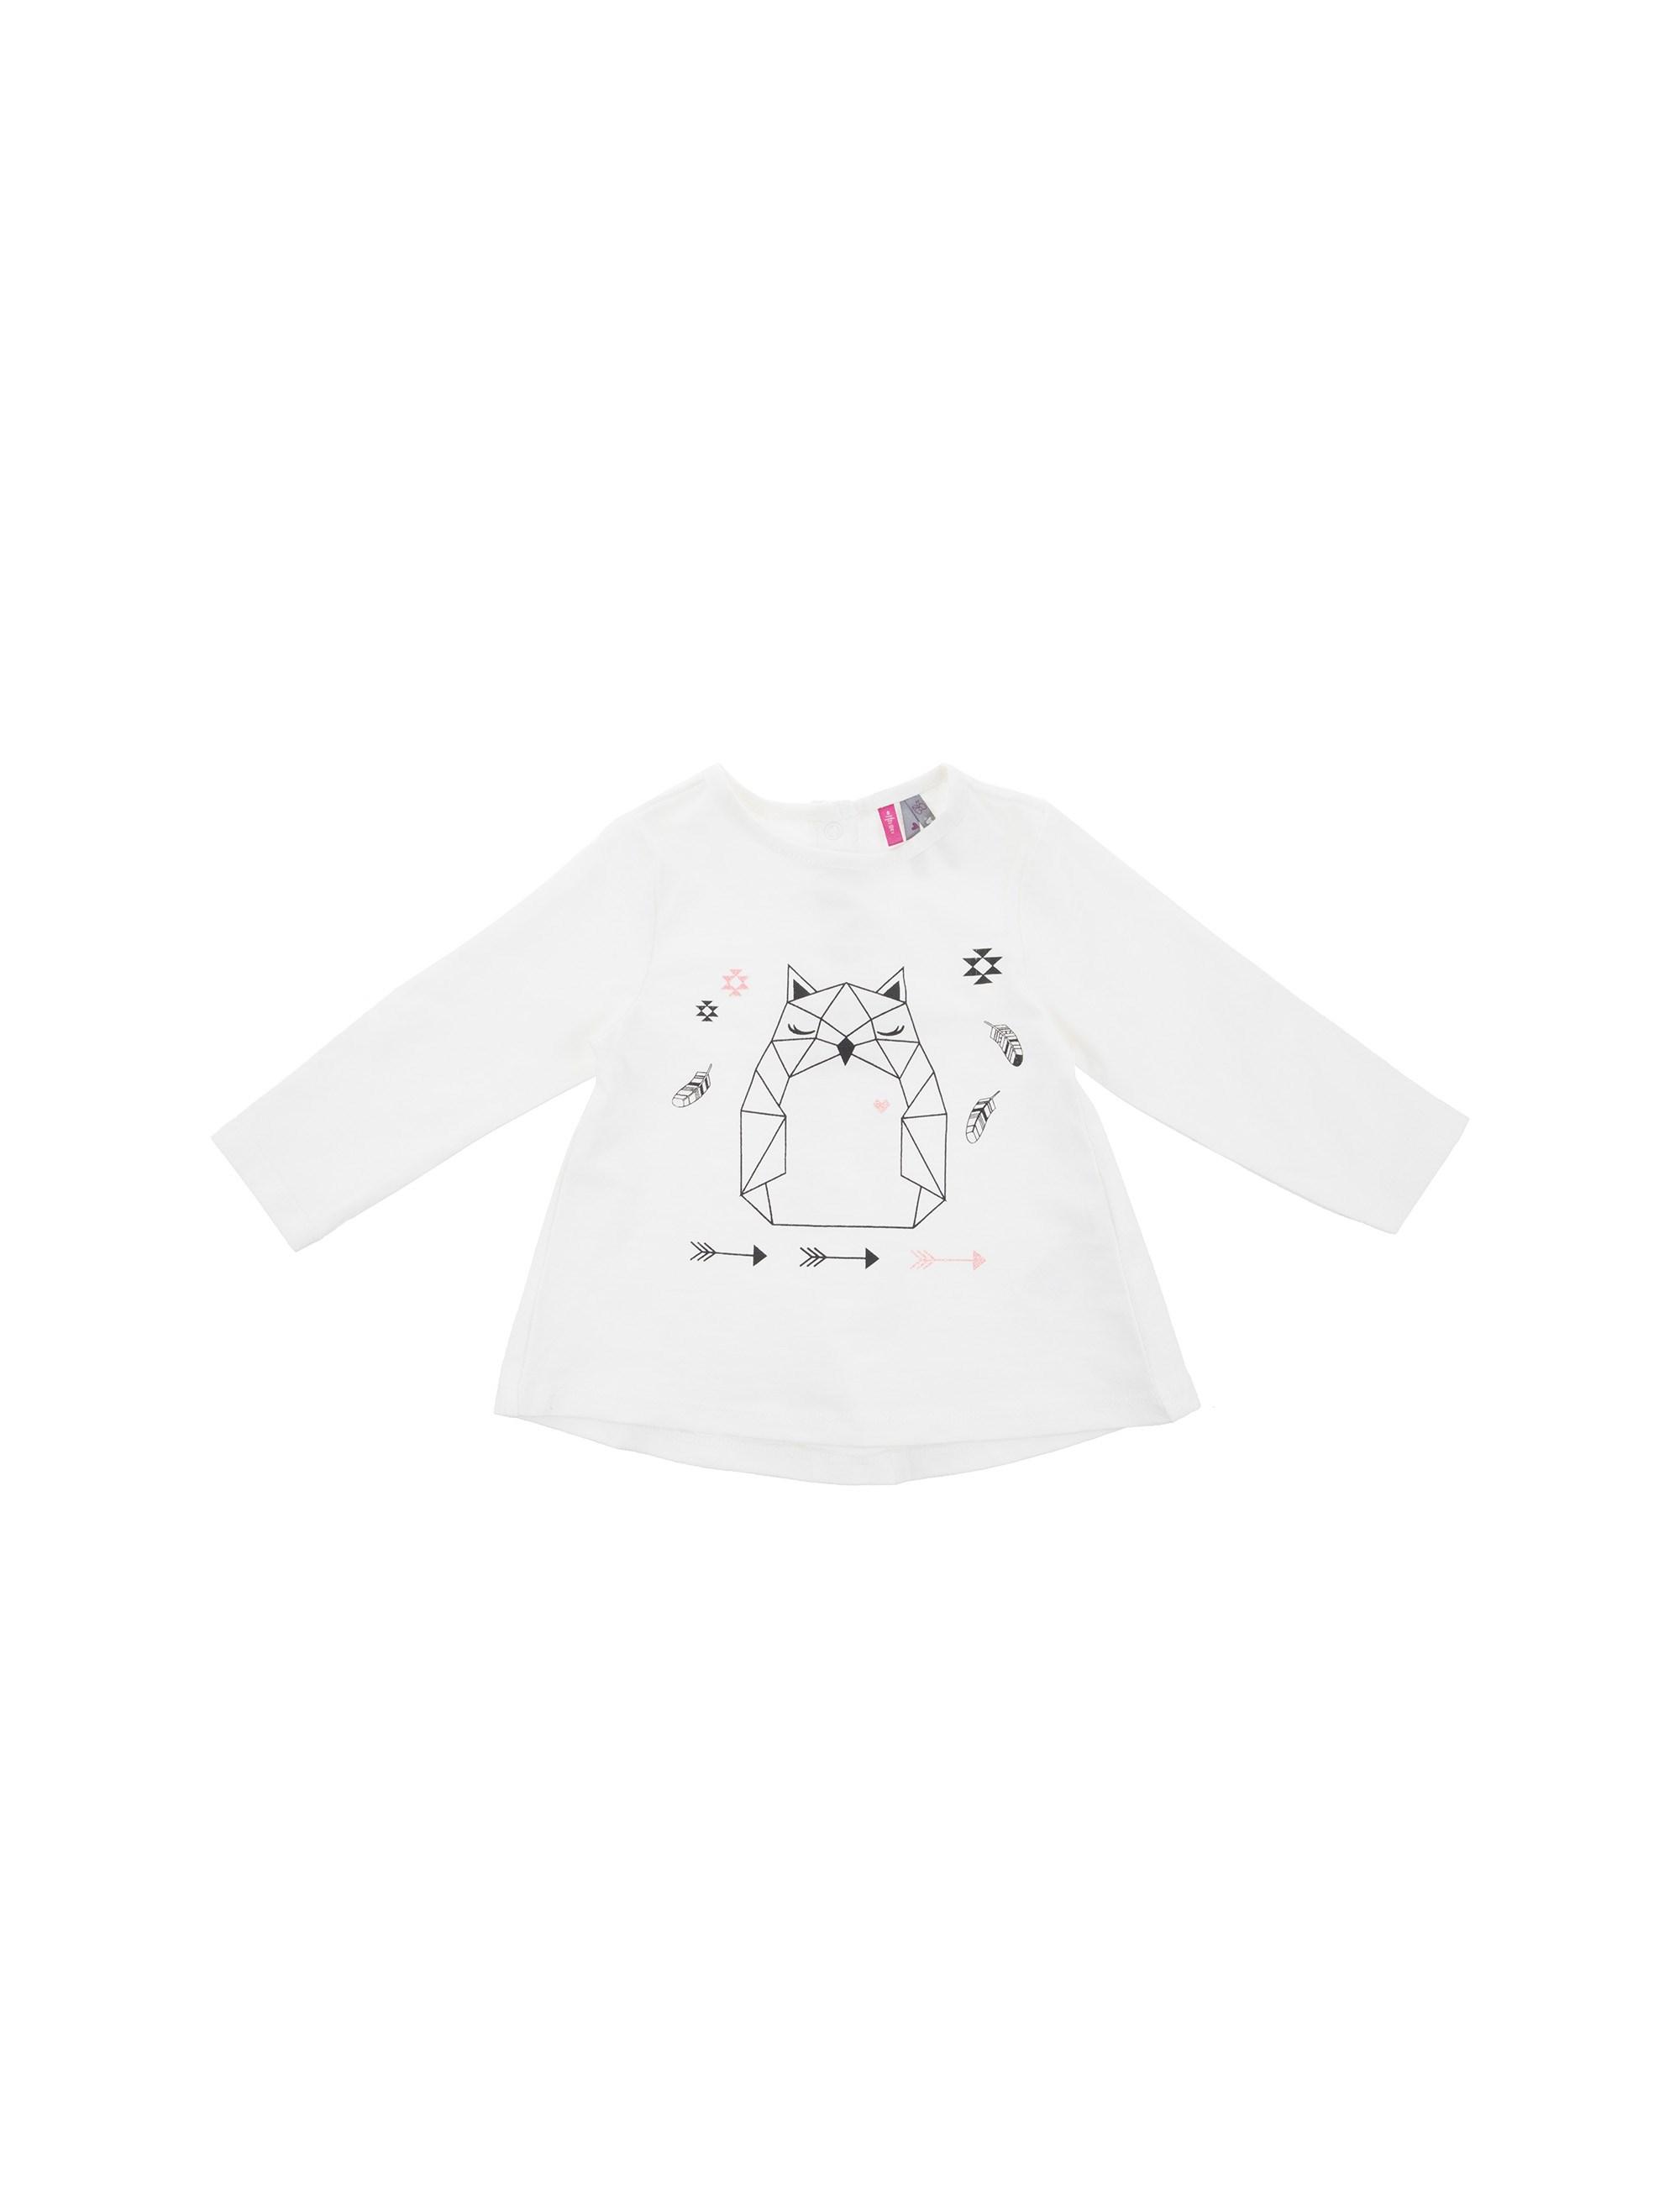 تی شرت نخی نوزادی دخترانه - ارکسترا - سفيد - 1